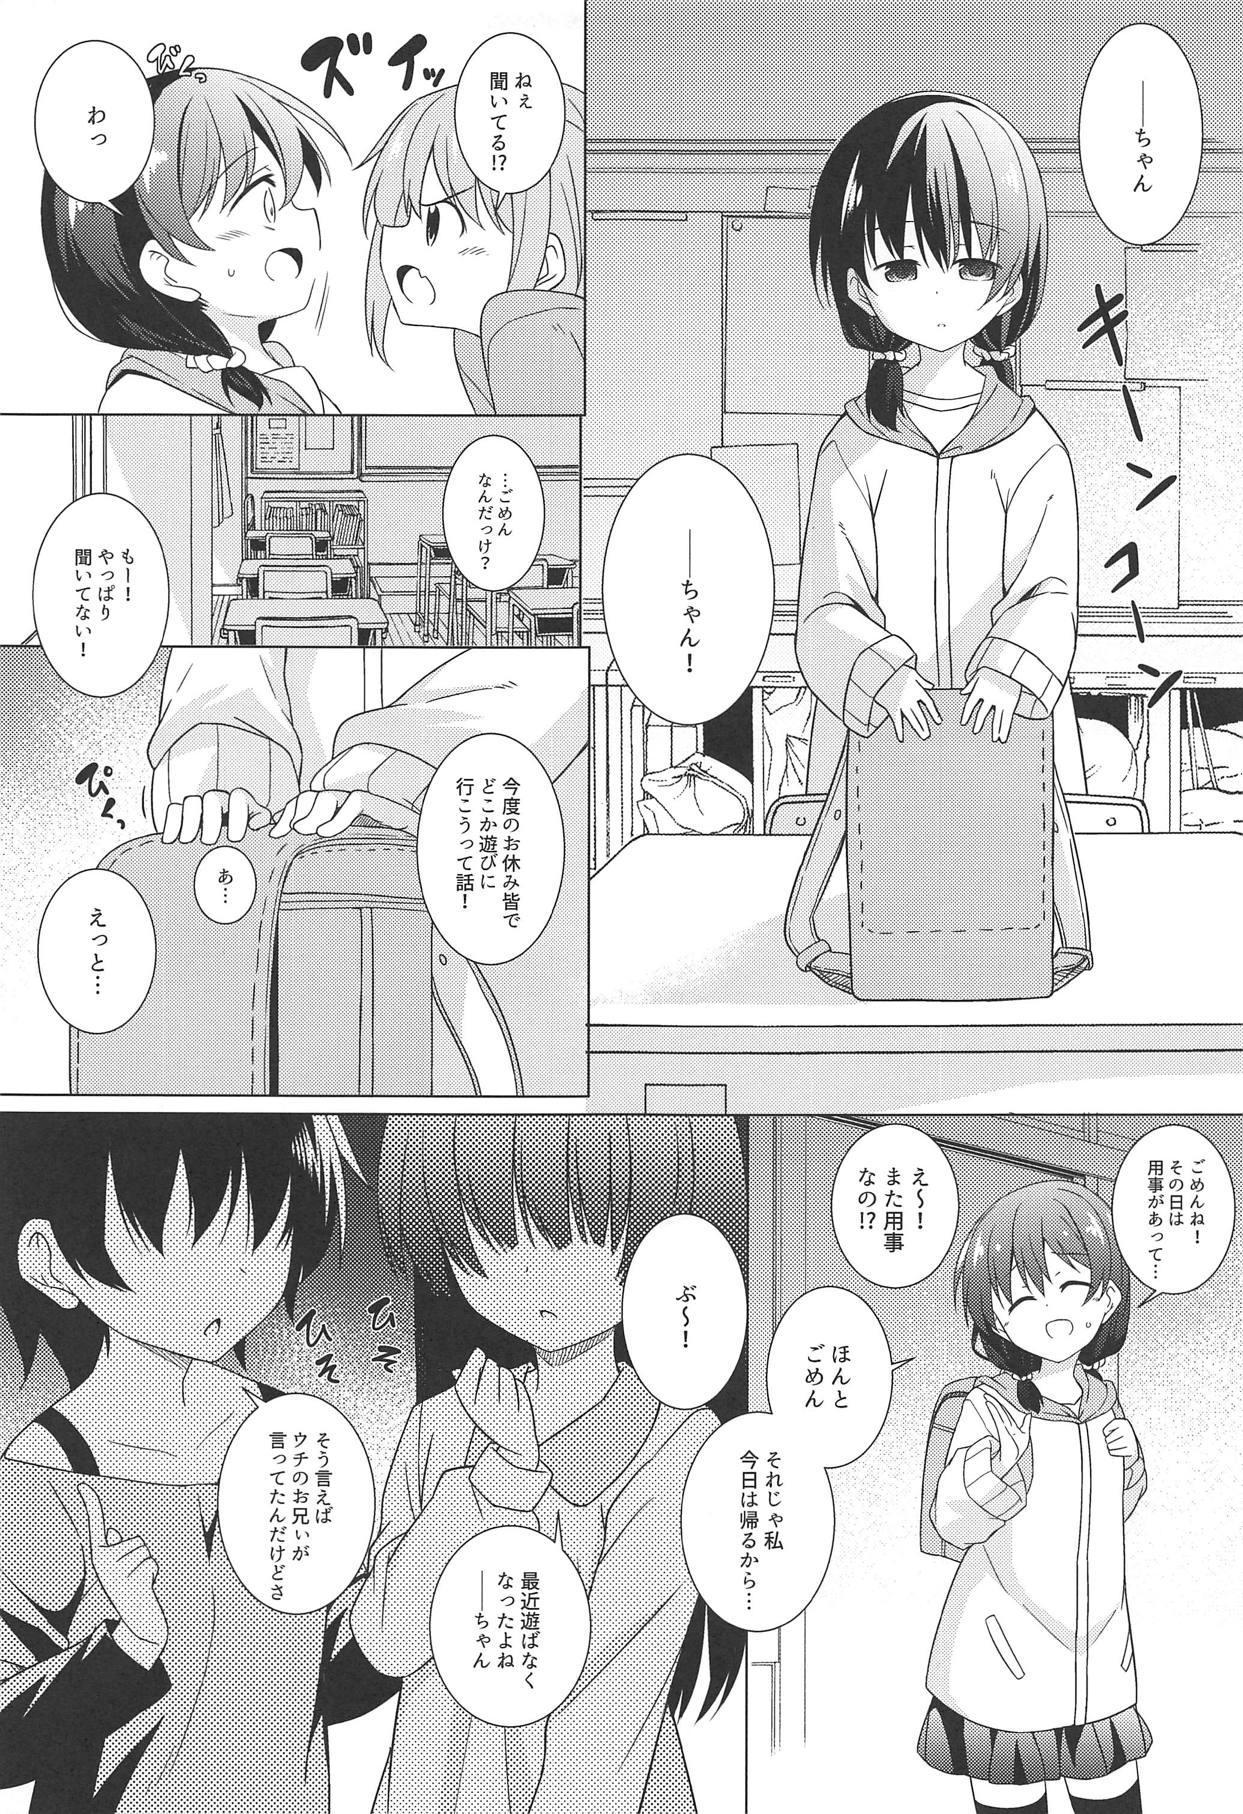 Kimi wa Ore no Cos Uriko Nin 3